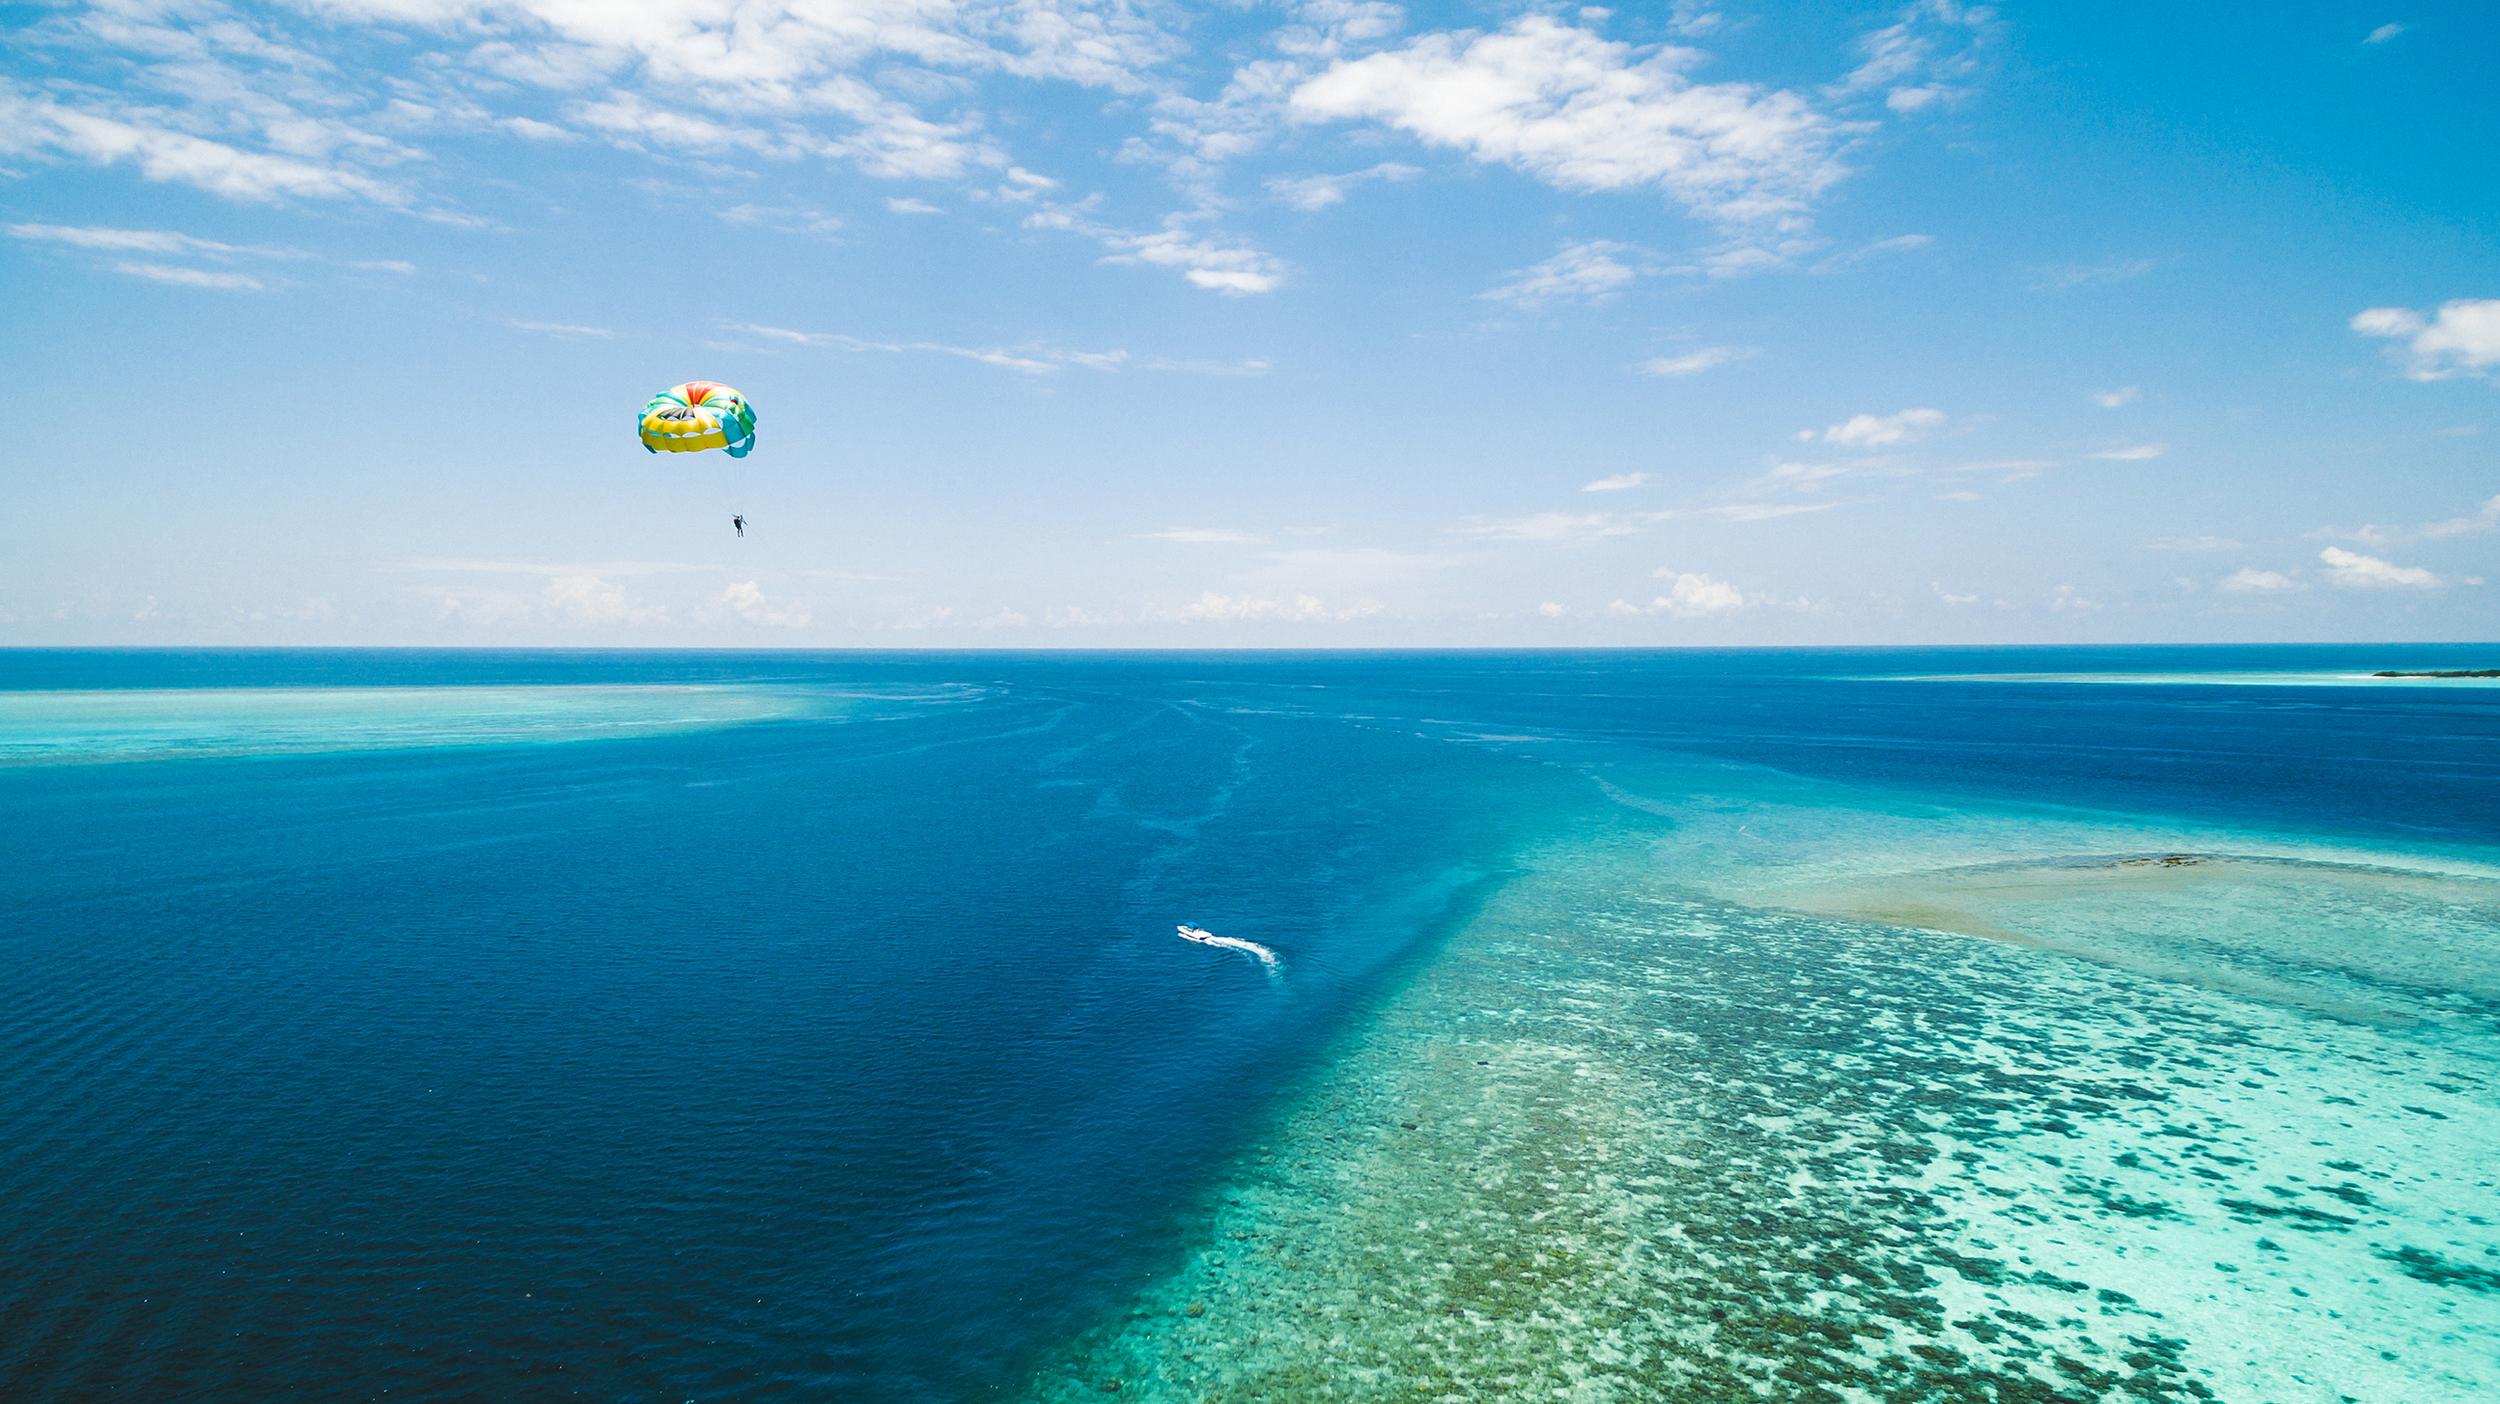 Hi_PHUV_68730285_PHUV_Paragliding_02_G_A_L.jpg